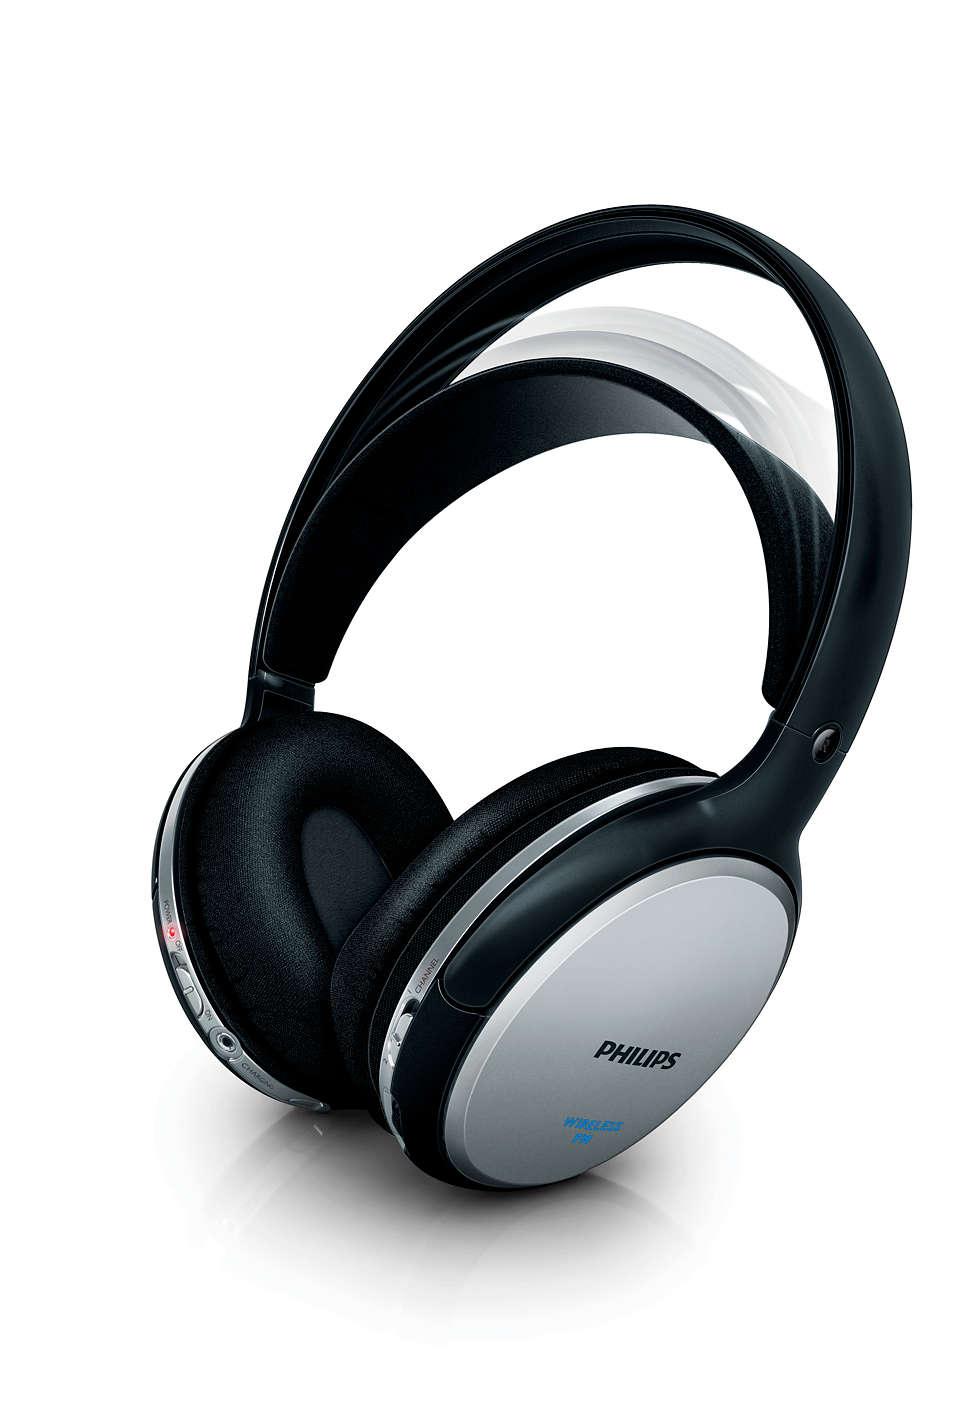 casque audio hifi philips shc5112 sans fil